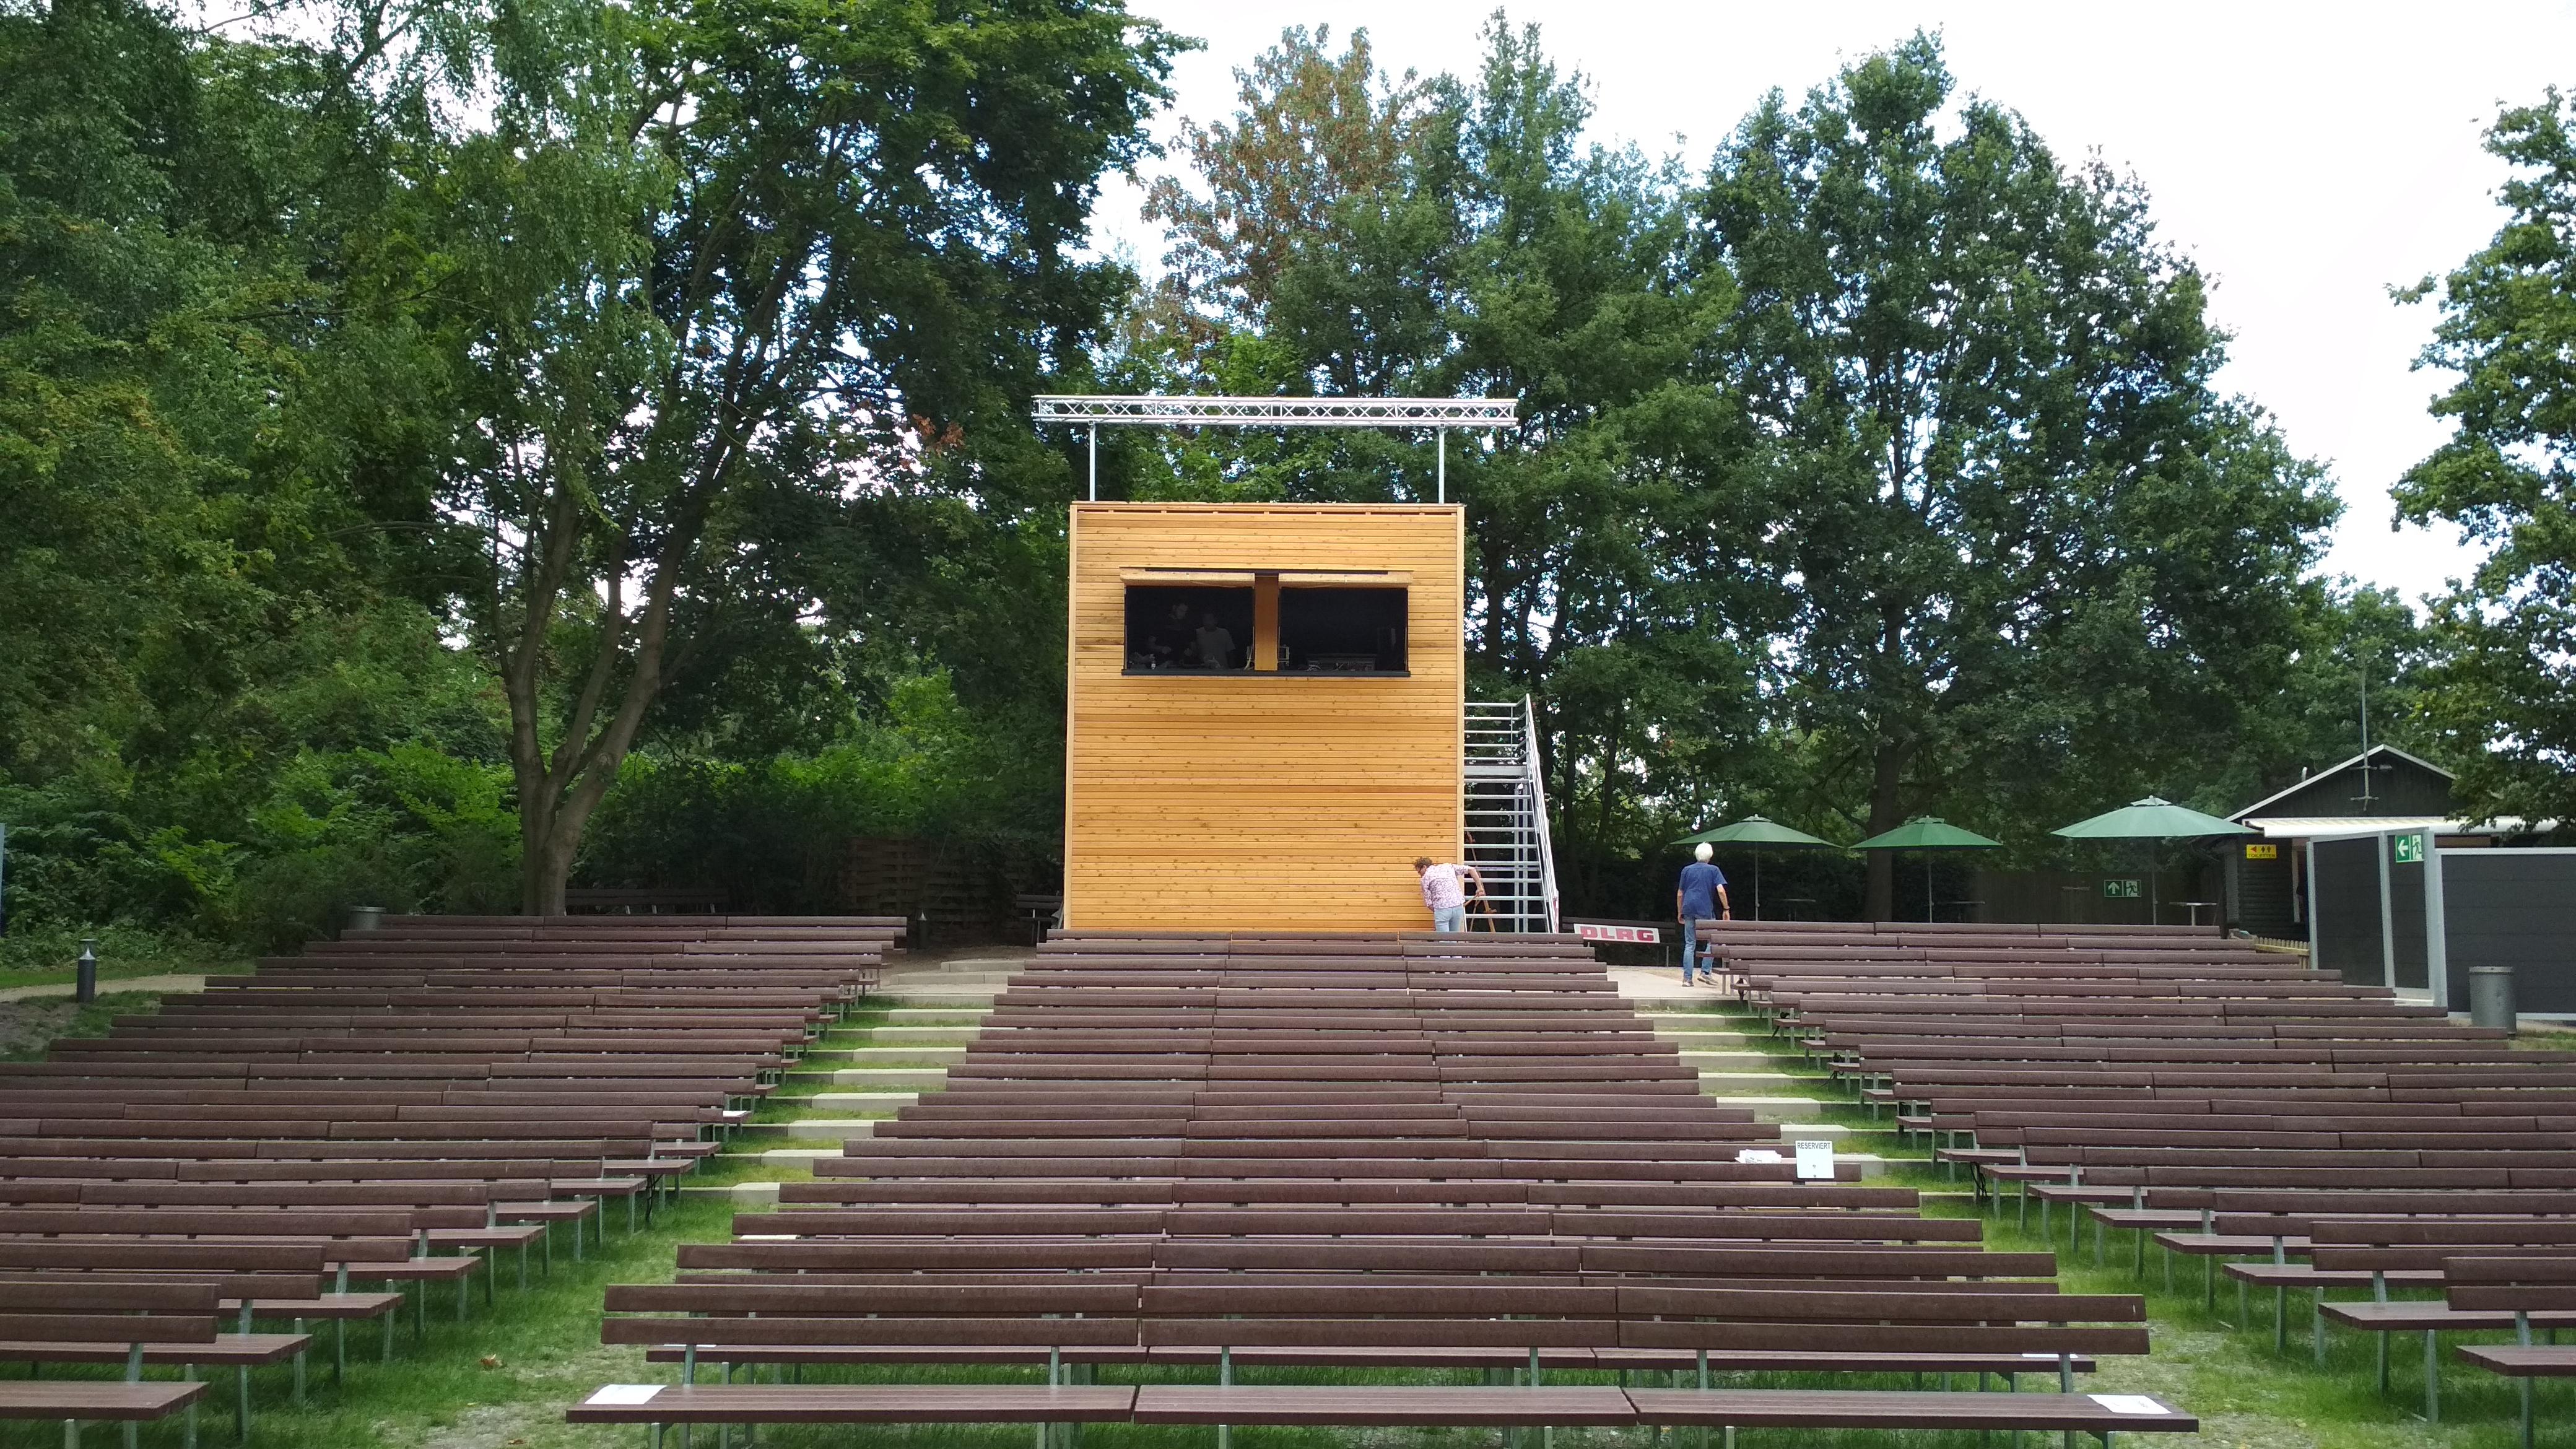 Freilichtbühne Lilienthal / Theater für die ganze Familie